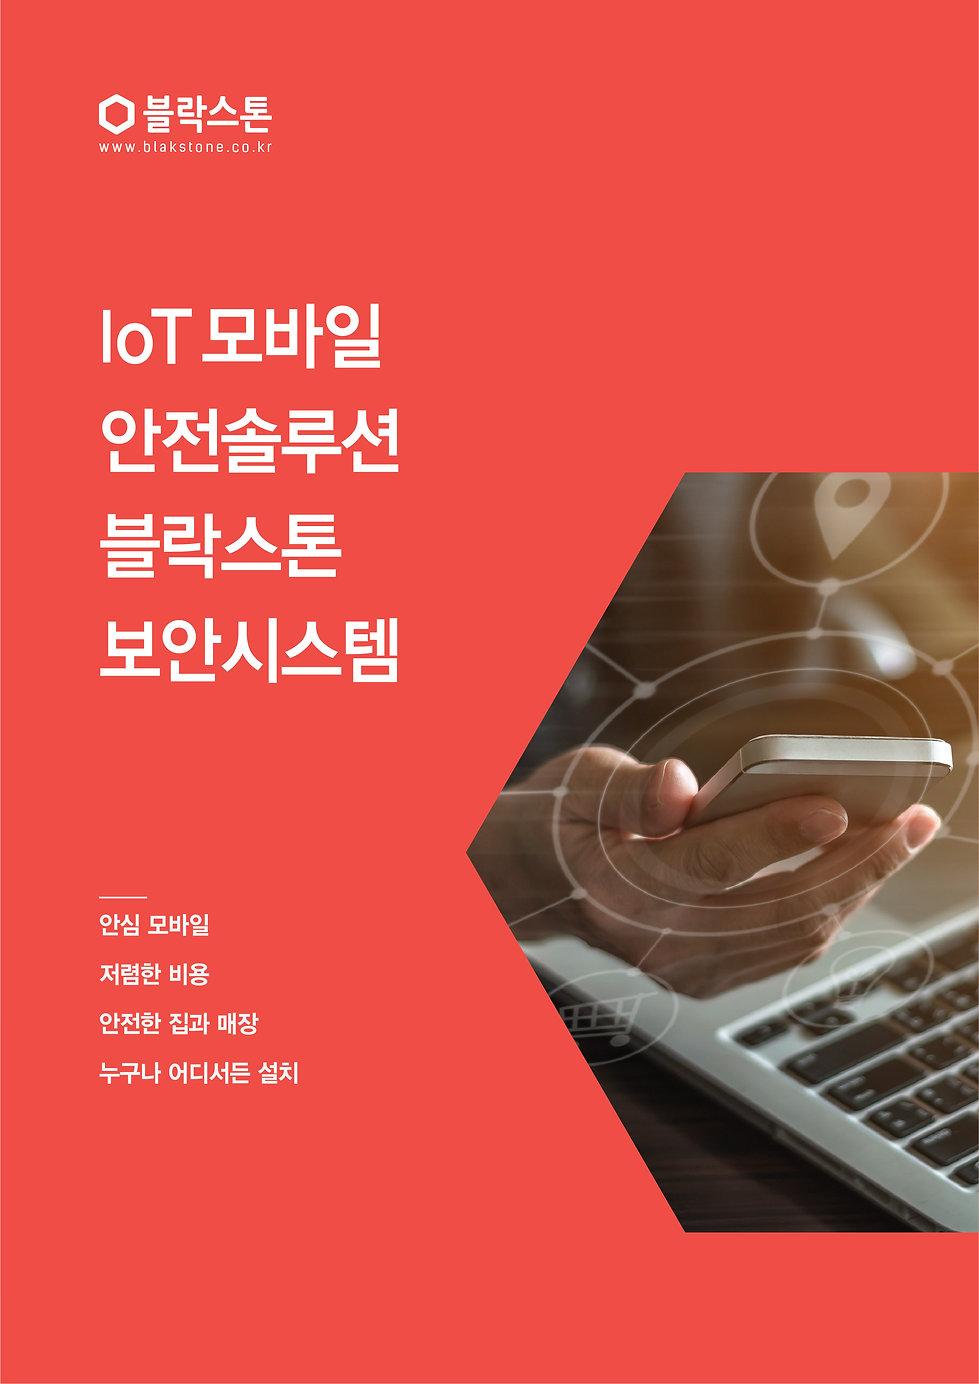 IoT 모바일 안전솔루션 블락스톤 보안시스템